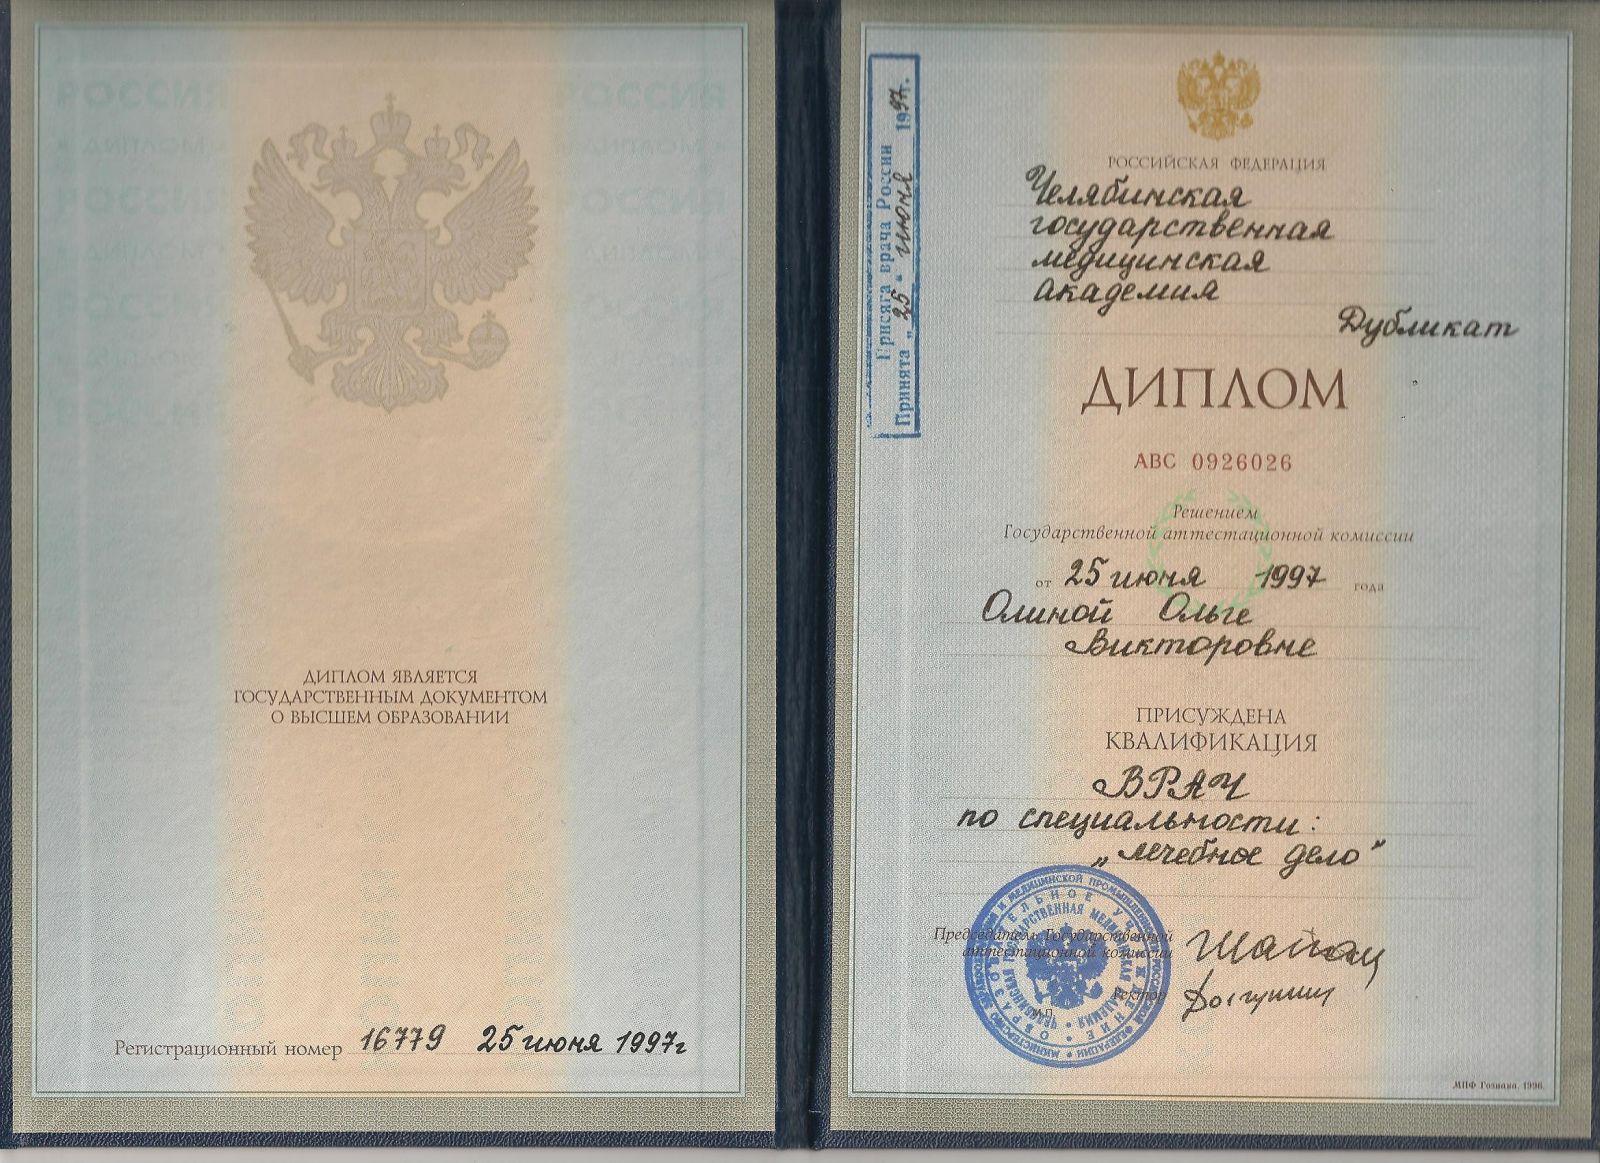 Научно исследовательский институт судебной экспертизы СТЭЛС  Диплом квалификации врача 1997г